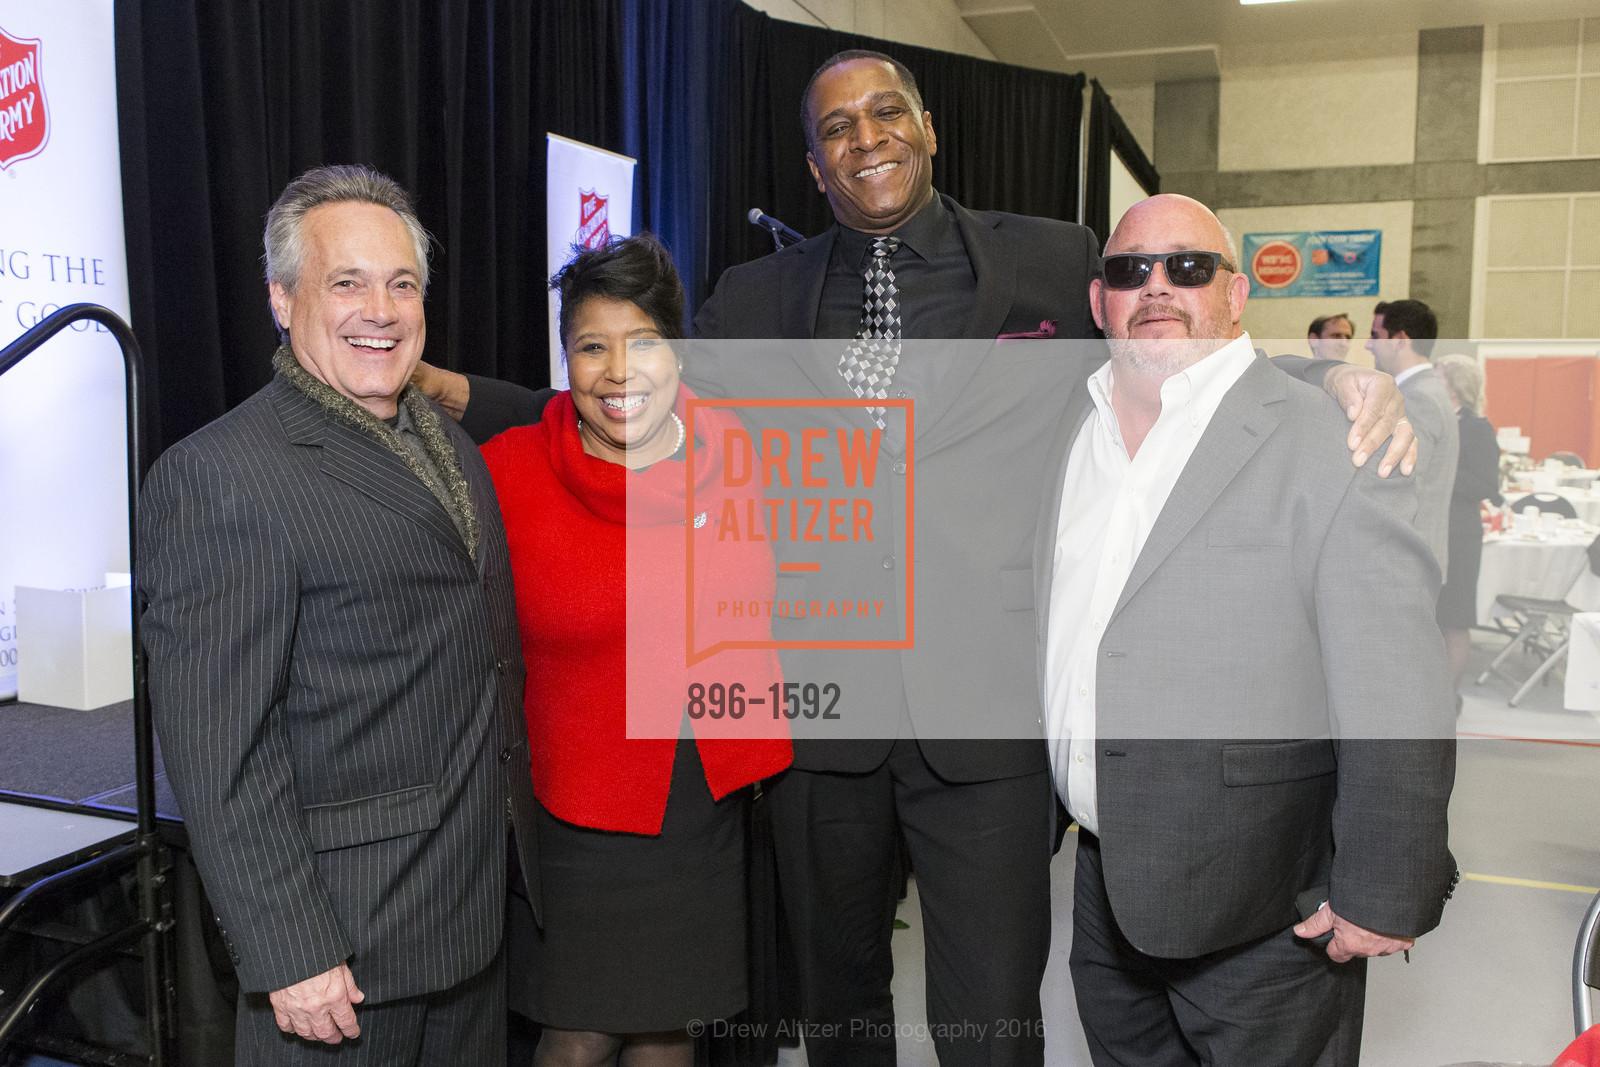 Tim Mayer, Lee Ann Butler Owens, Merlin Owens, Photo #896-1592